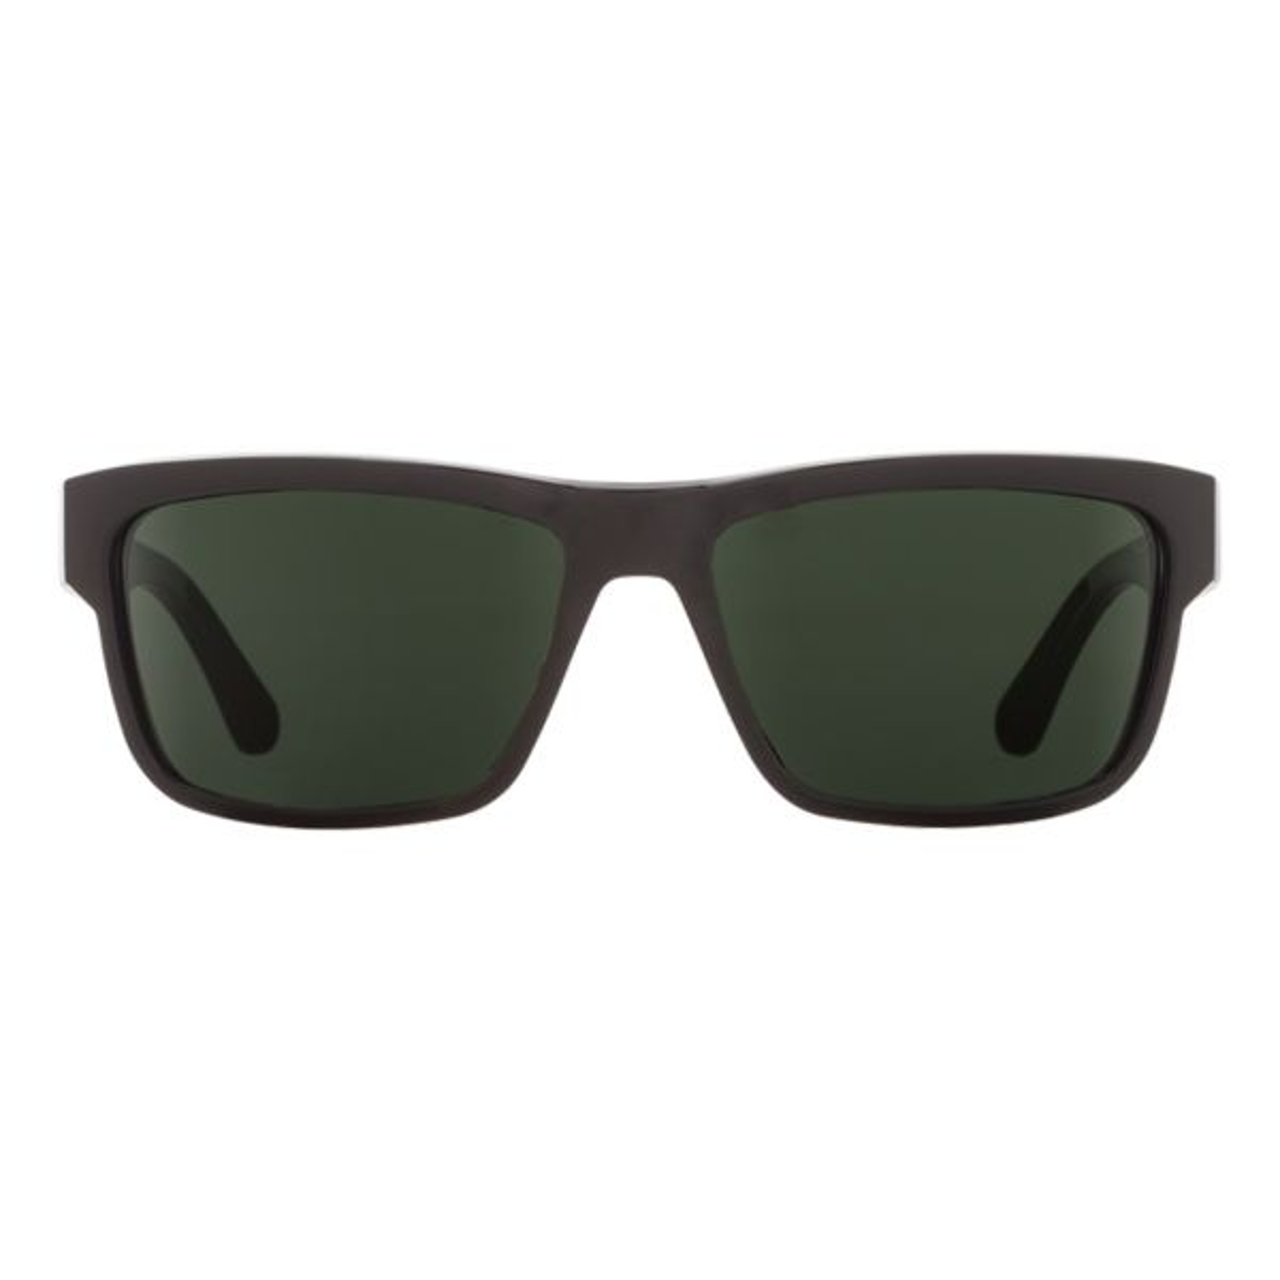 عینک آفتابی اسپای سری Frazier مدل Black Happy Gray Green